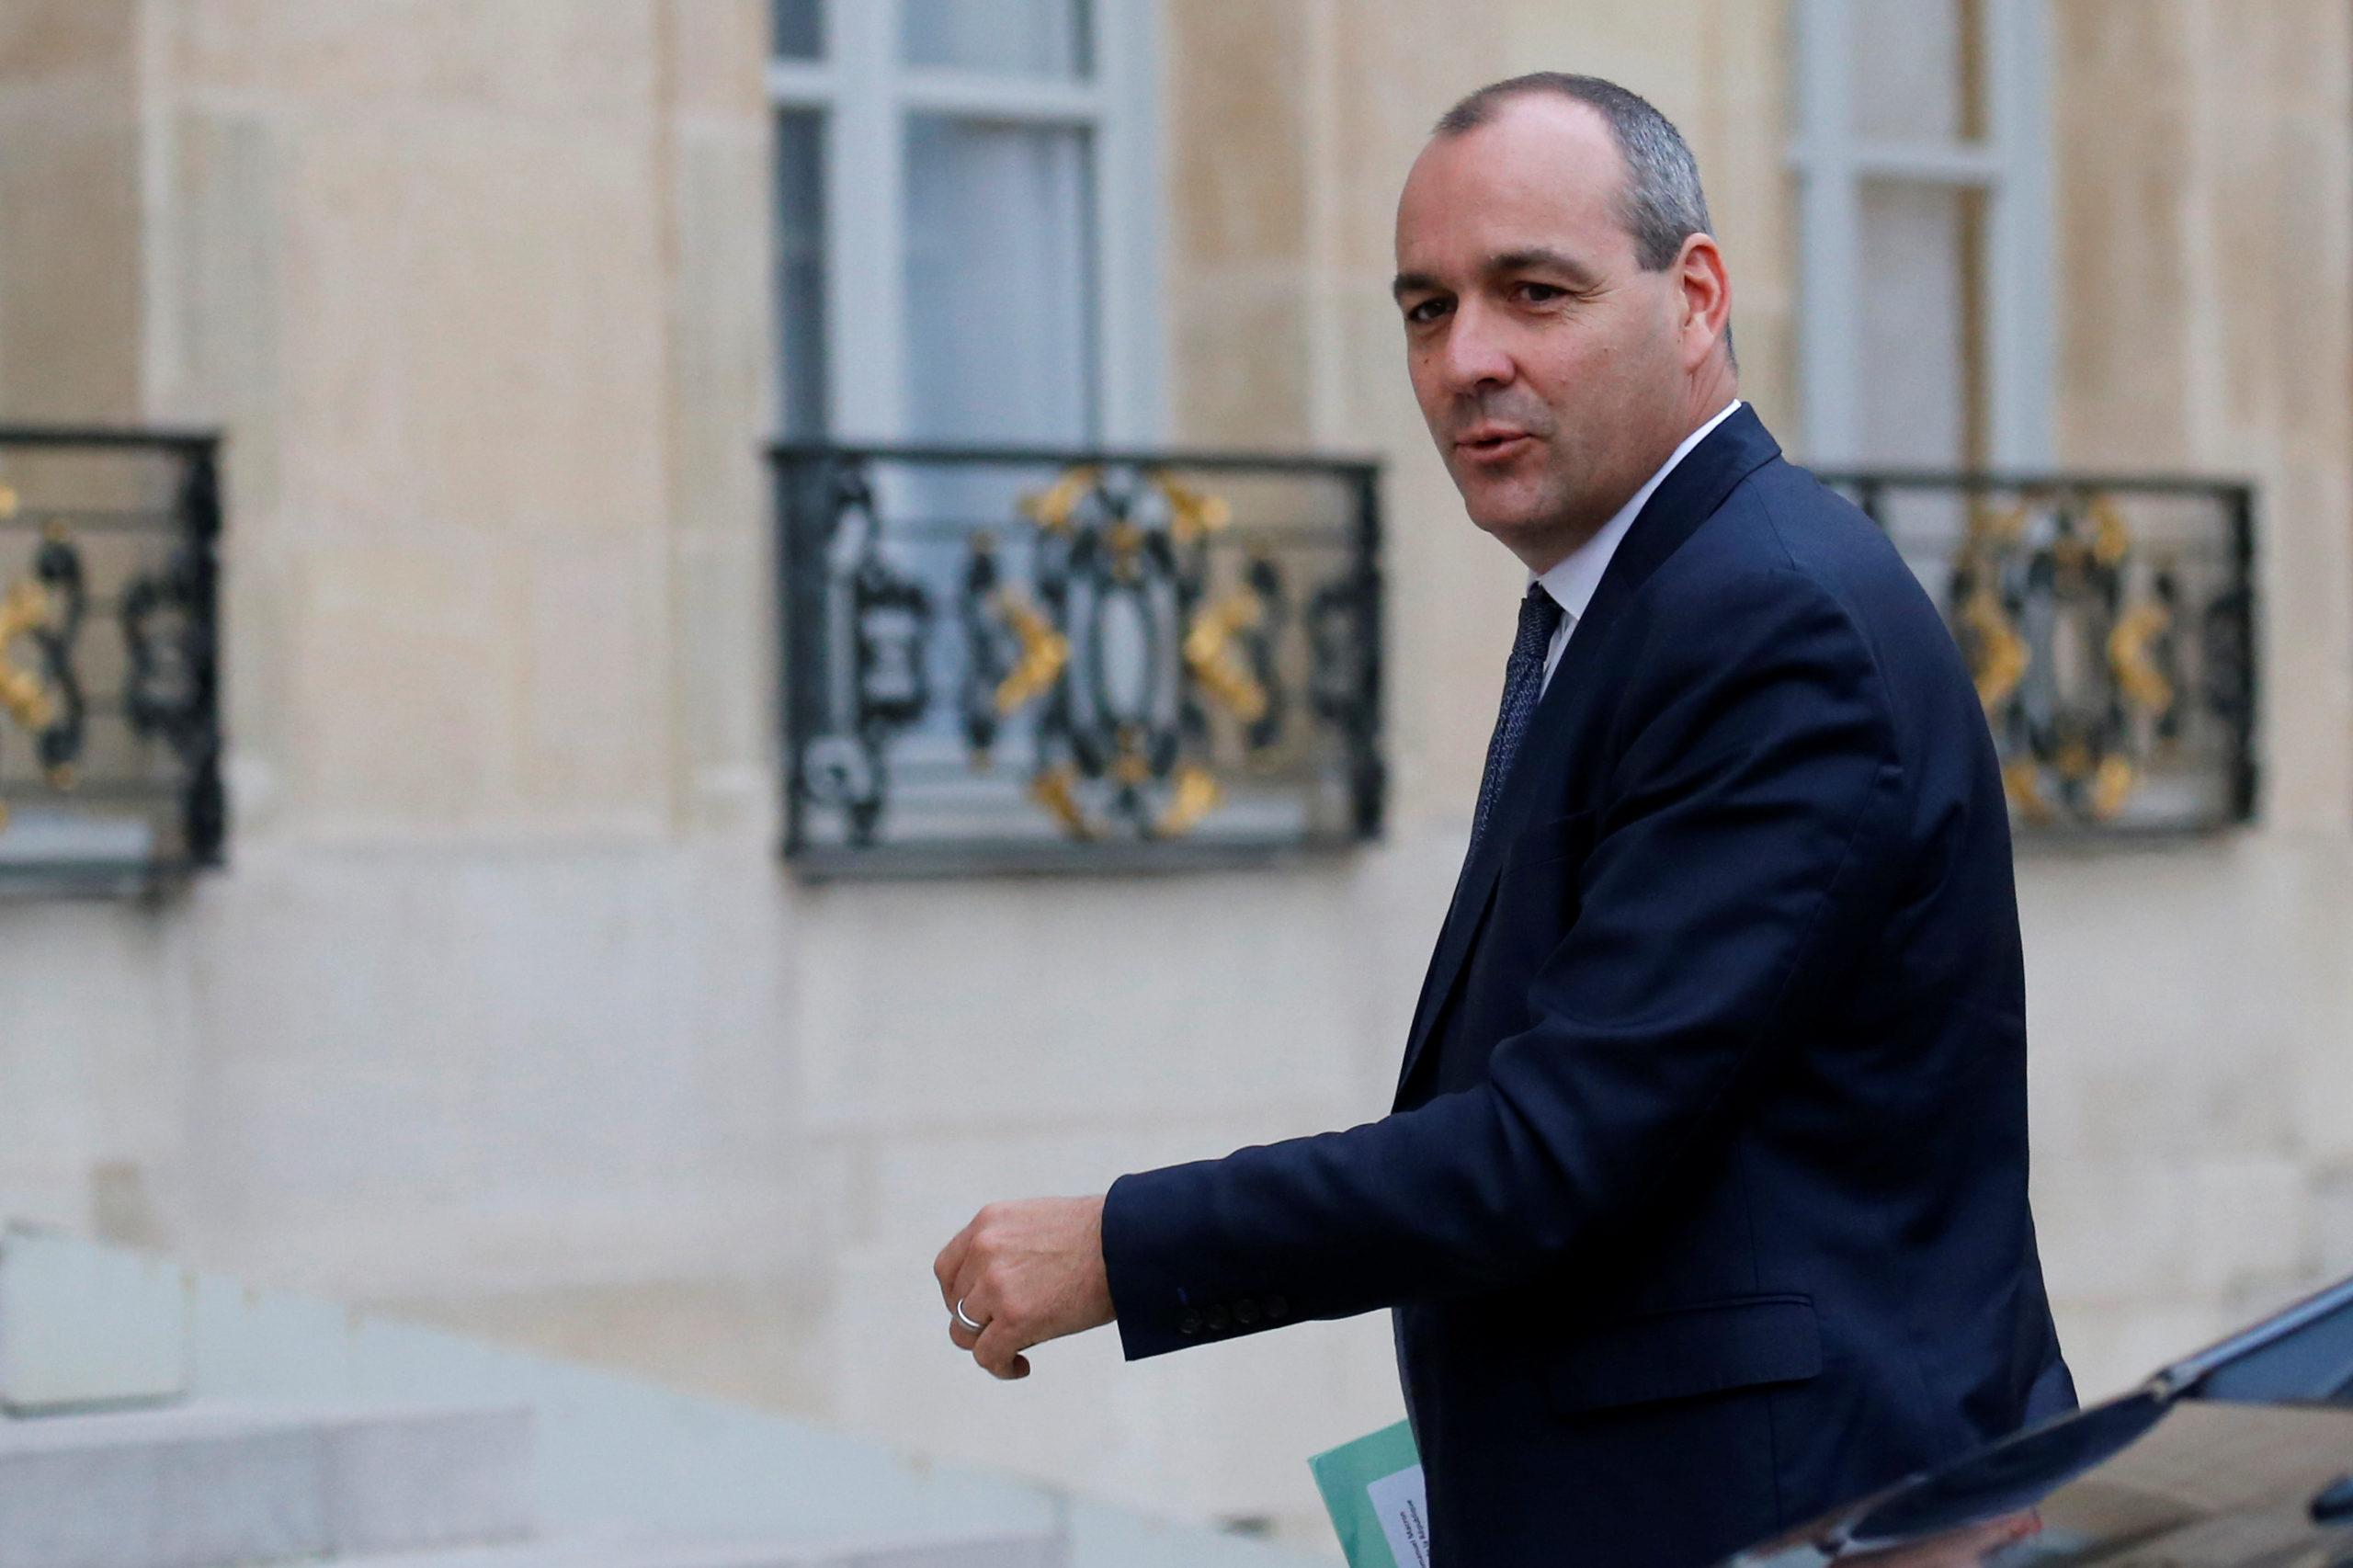 """Le secrétaire général de la CFDT, Laurent Berger, a appelé jeudi le gouvernement à """"sortir de l'ambiguïté"""" sur la future réforme des retraites, soulignant que son organisation s'opposerait à une réforme purement paramétrique. /Photo d'archives/REUTERS/Pascal Rossignol"""